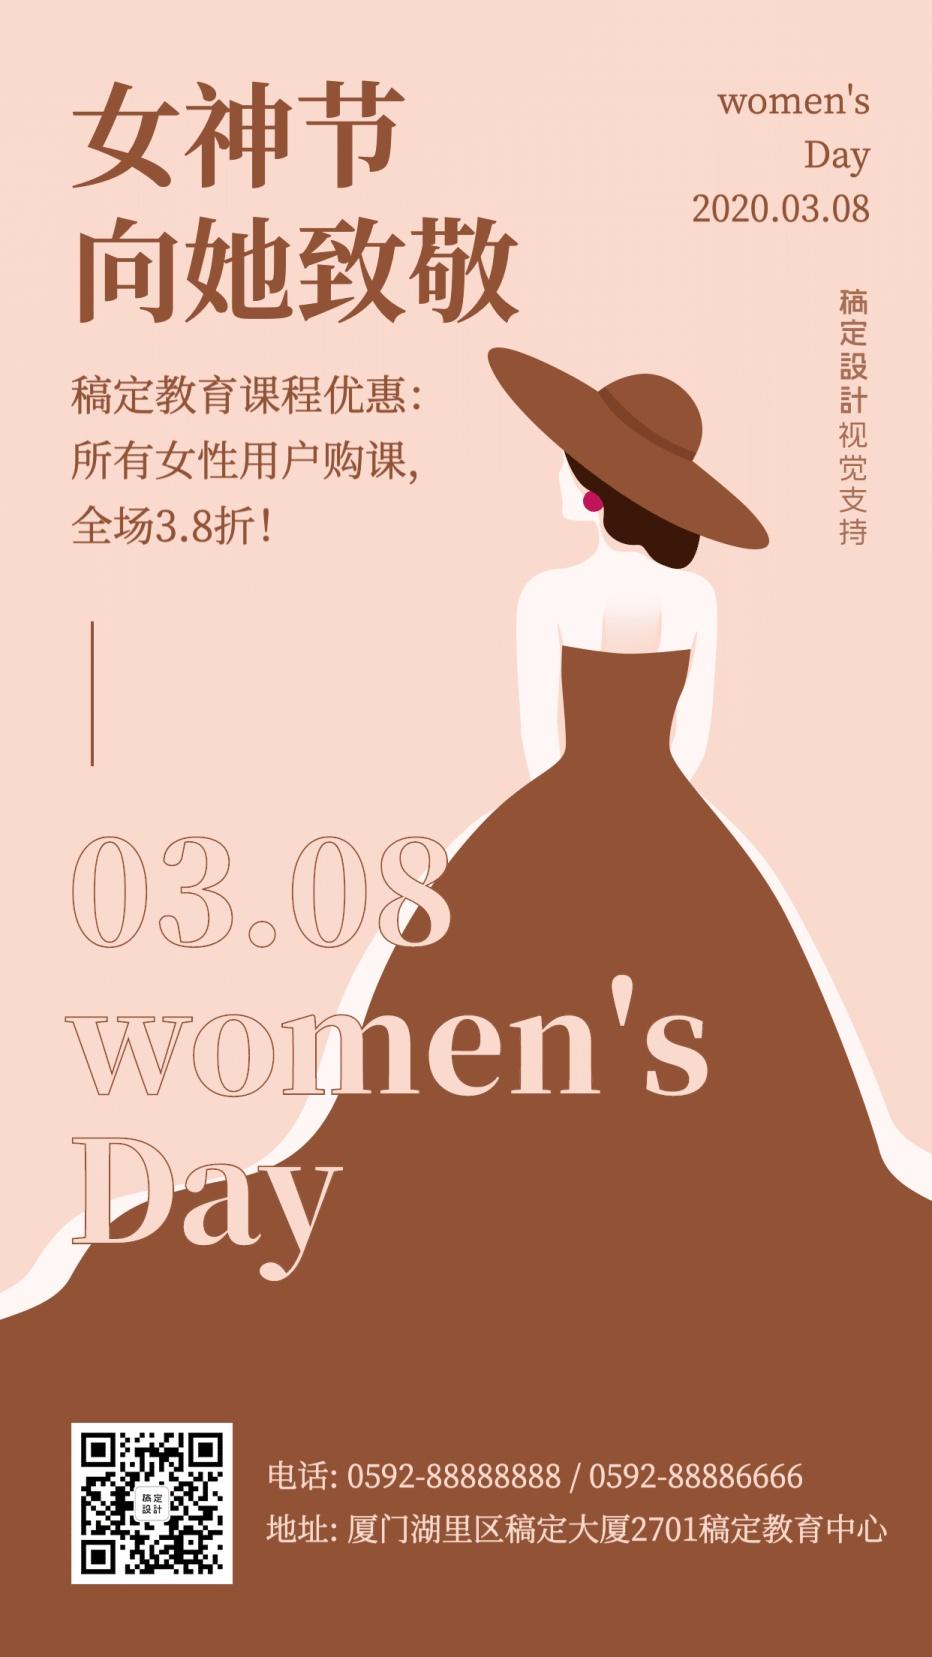 38妇女节古典简约祝福手机海报